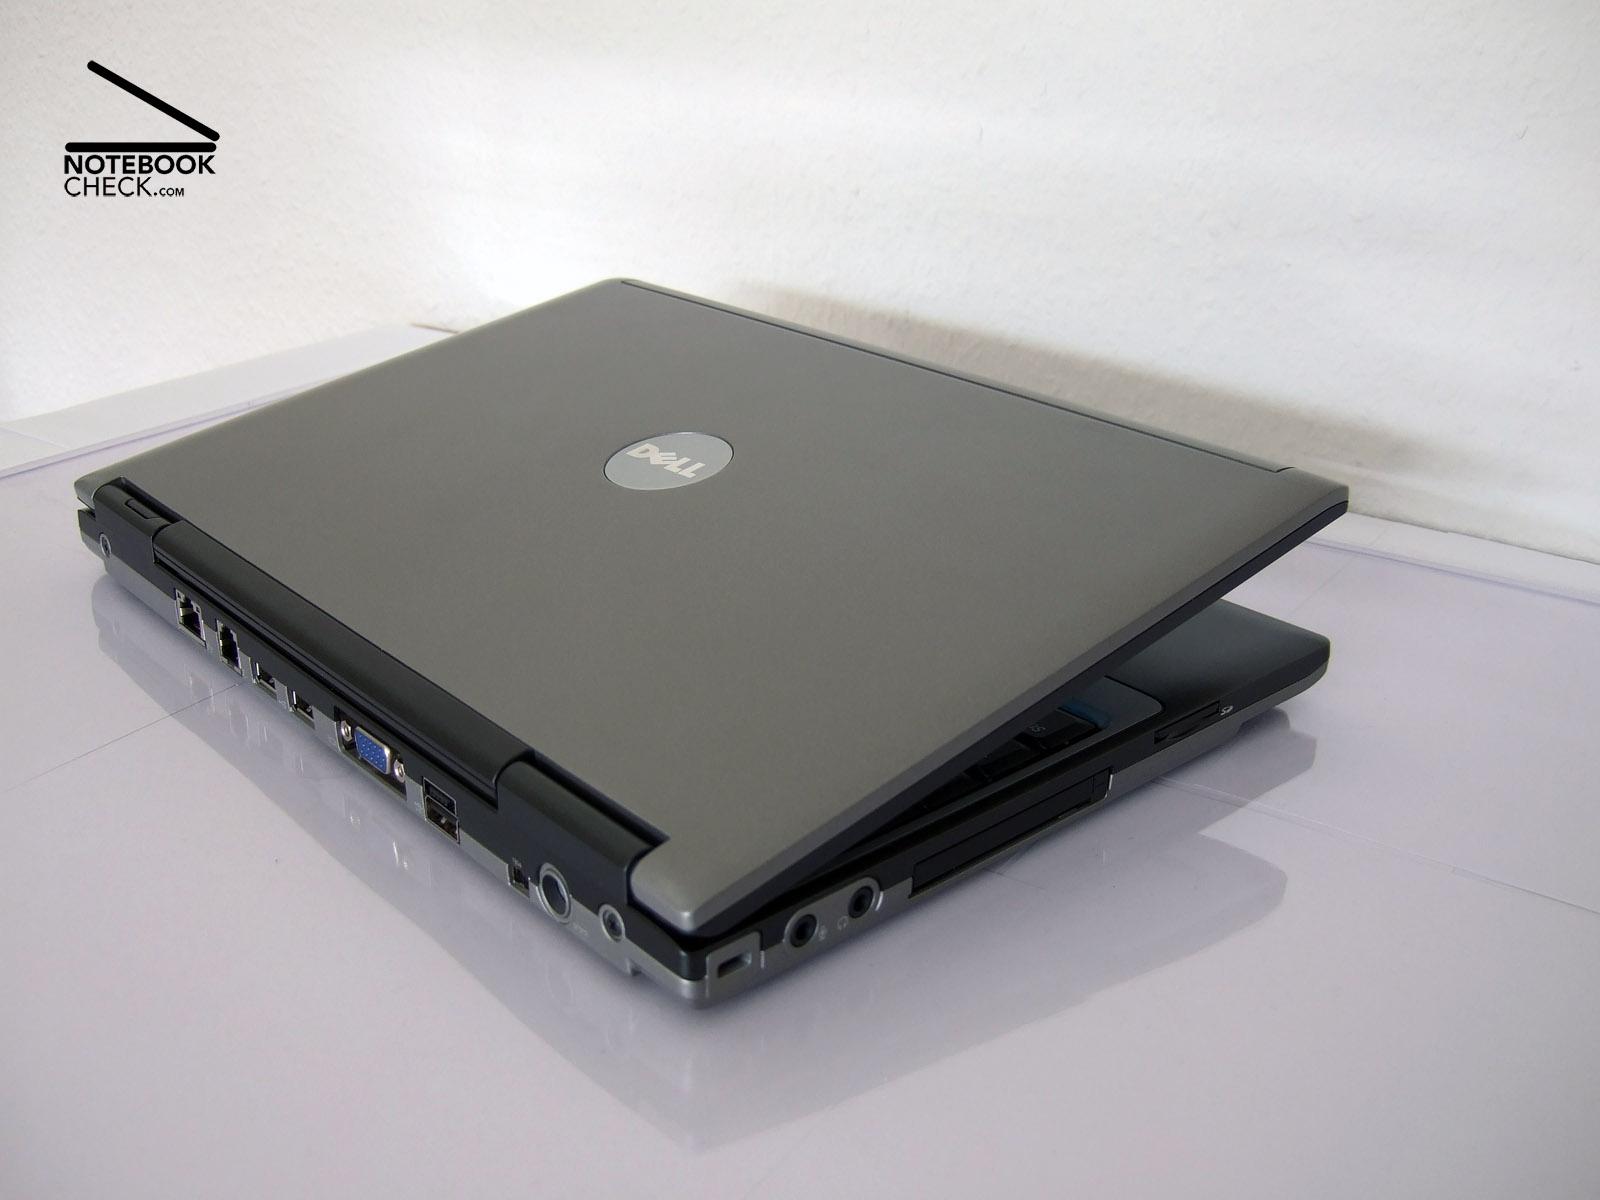 Dell Latitude D430 Sim Card Driver Free Download